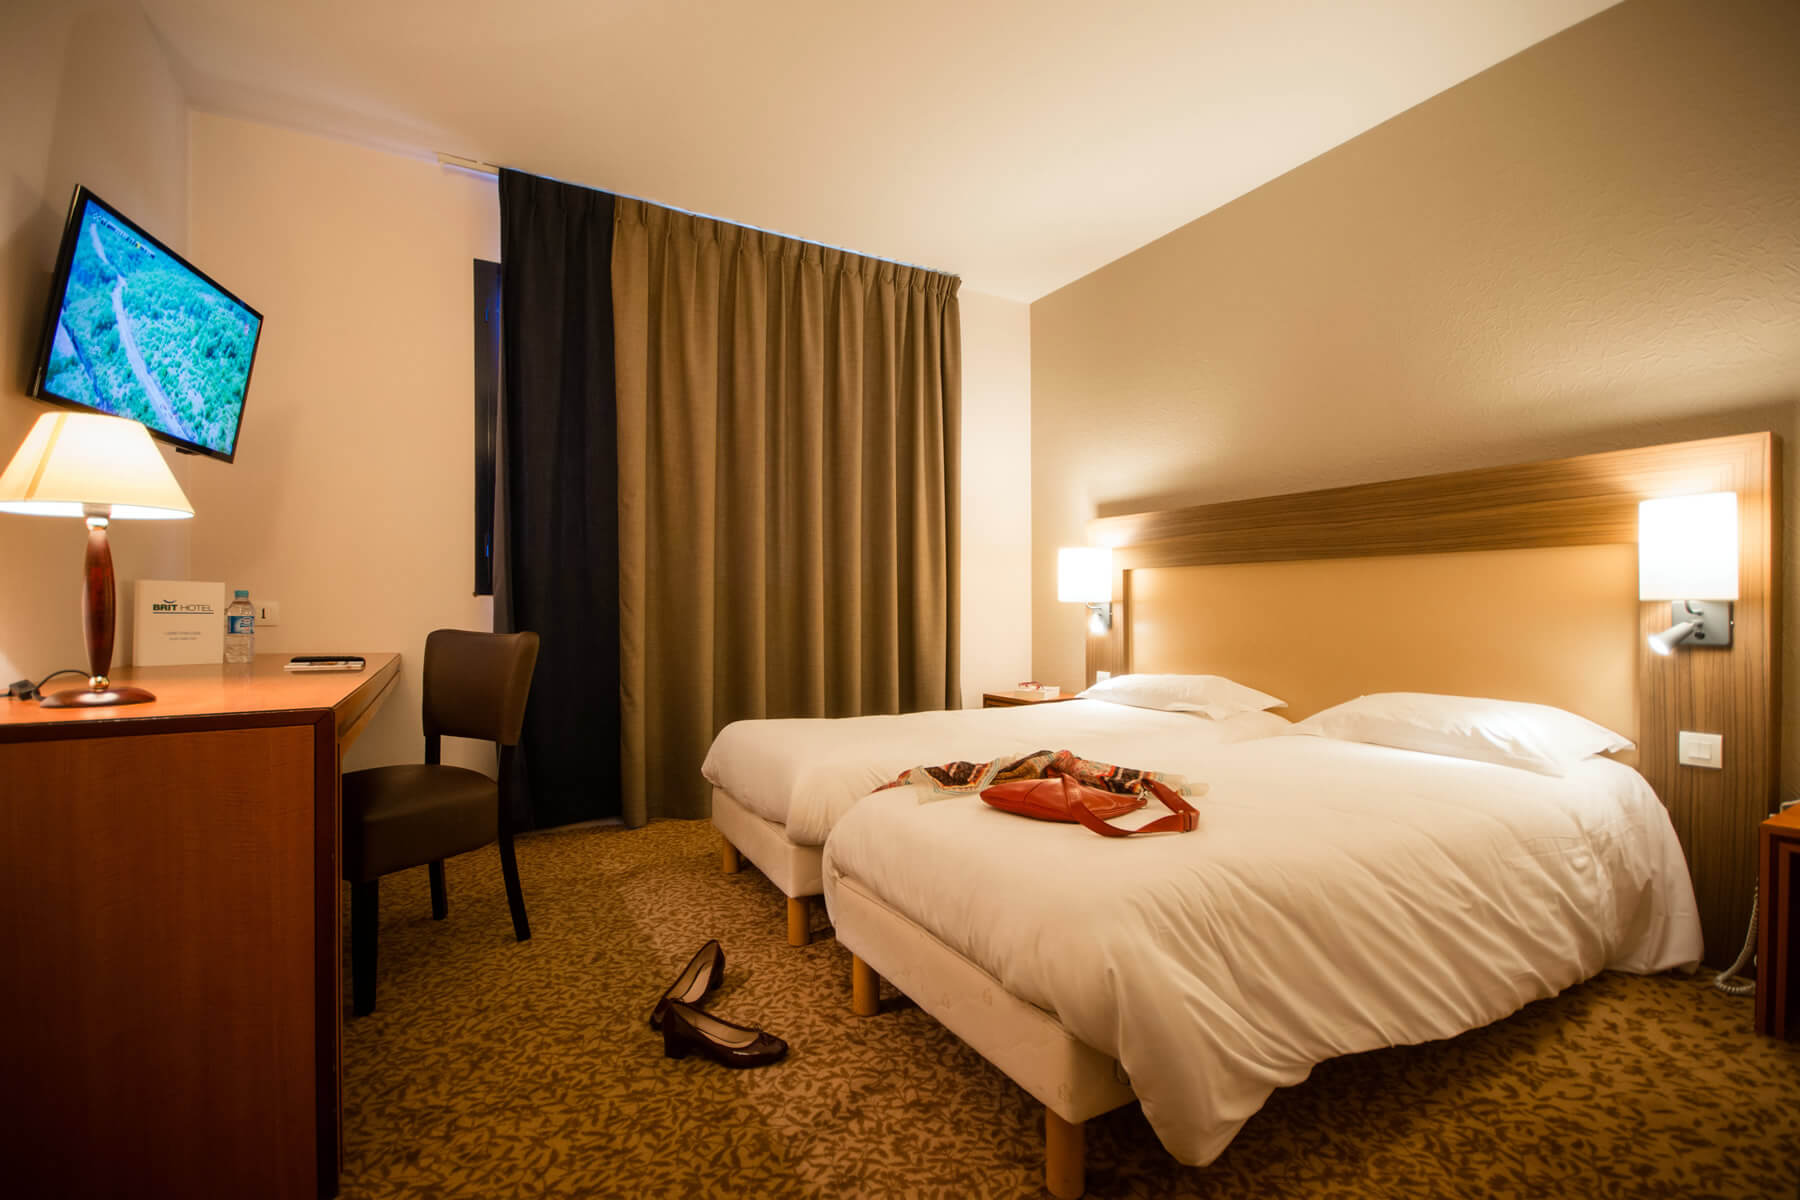 les chambres de l 39 h tel du transat de saint malo brithotel. Black Bedroom Furniture Sets. Home Design Ideas